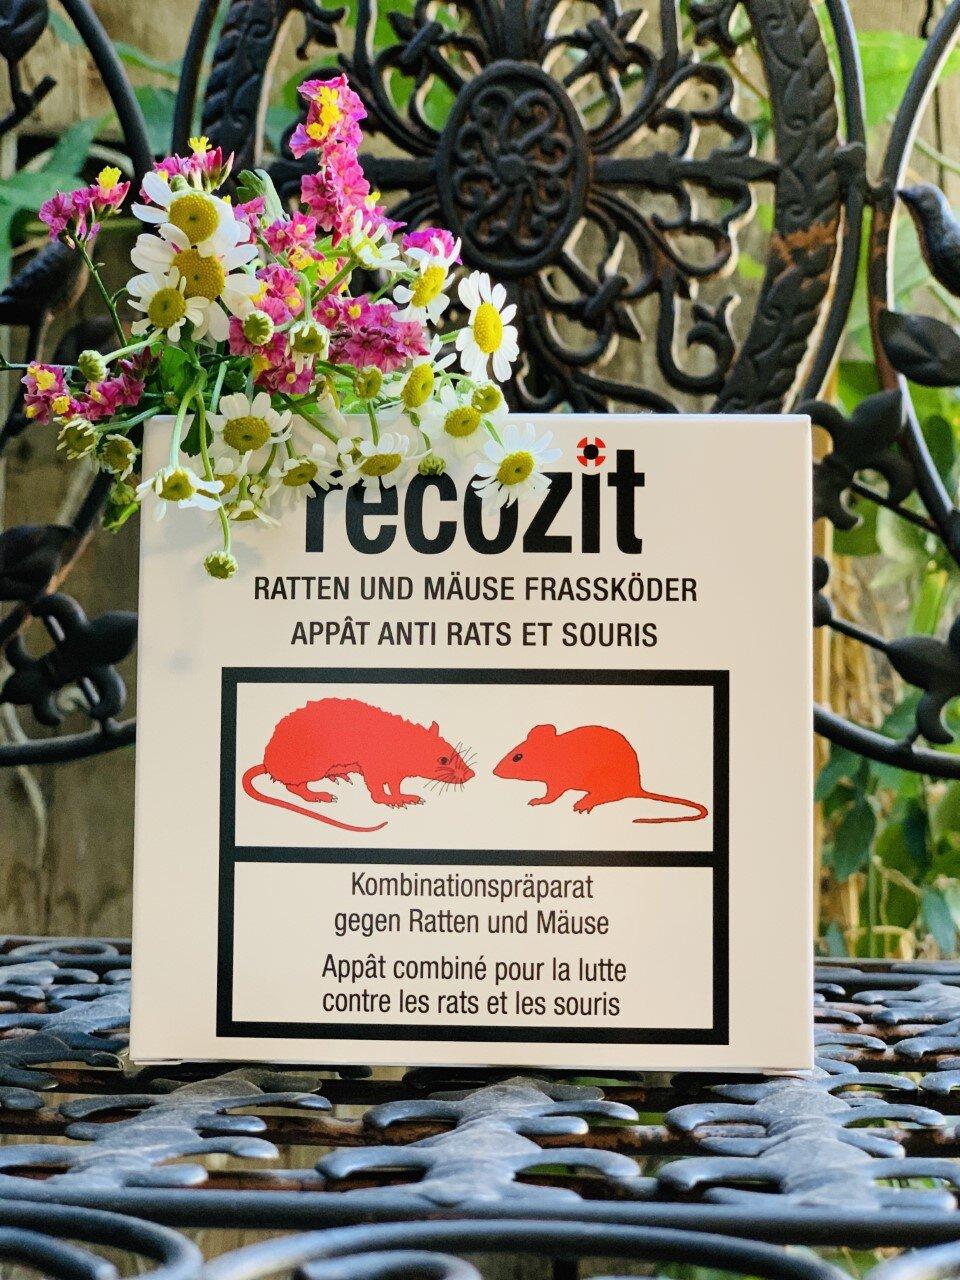 Huiles Essentielles Contre Les Souris recozit appât anti rats et souris